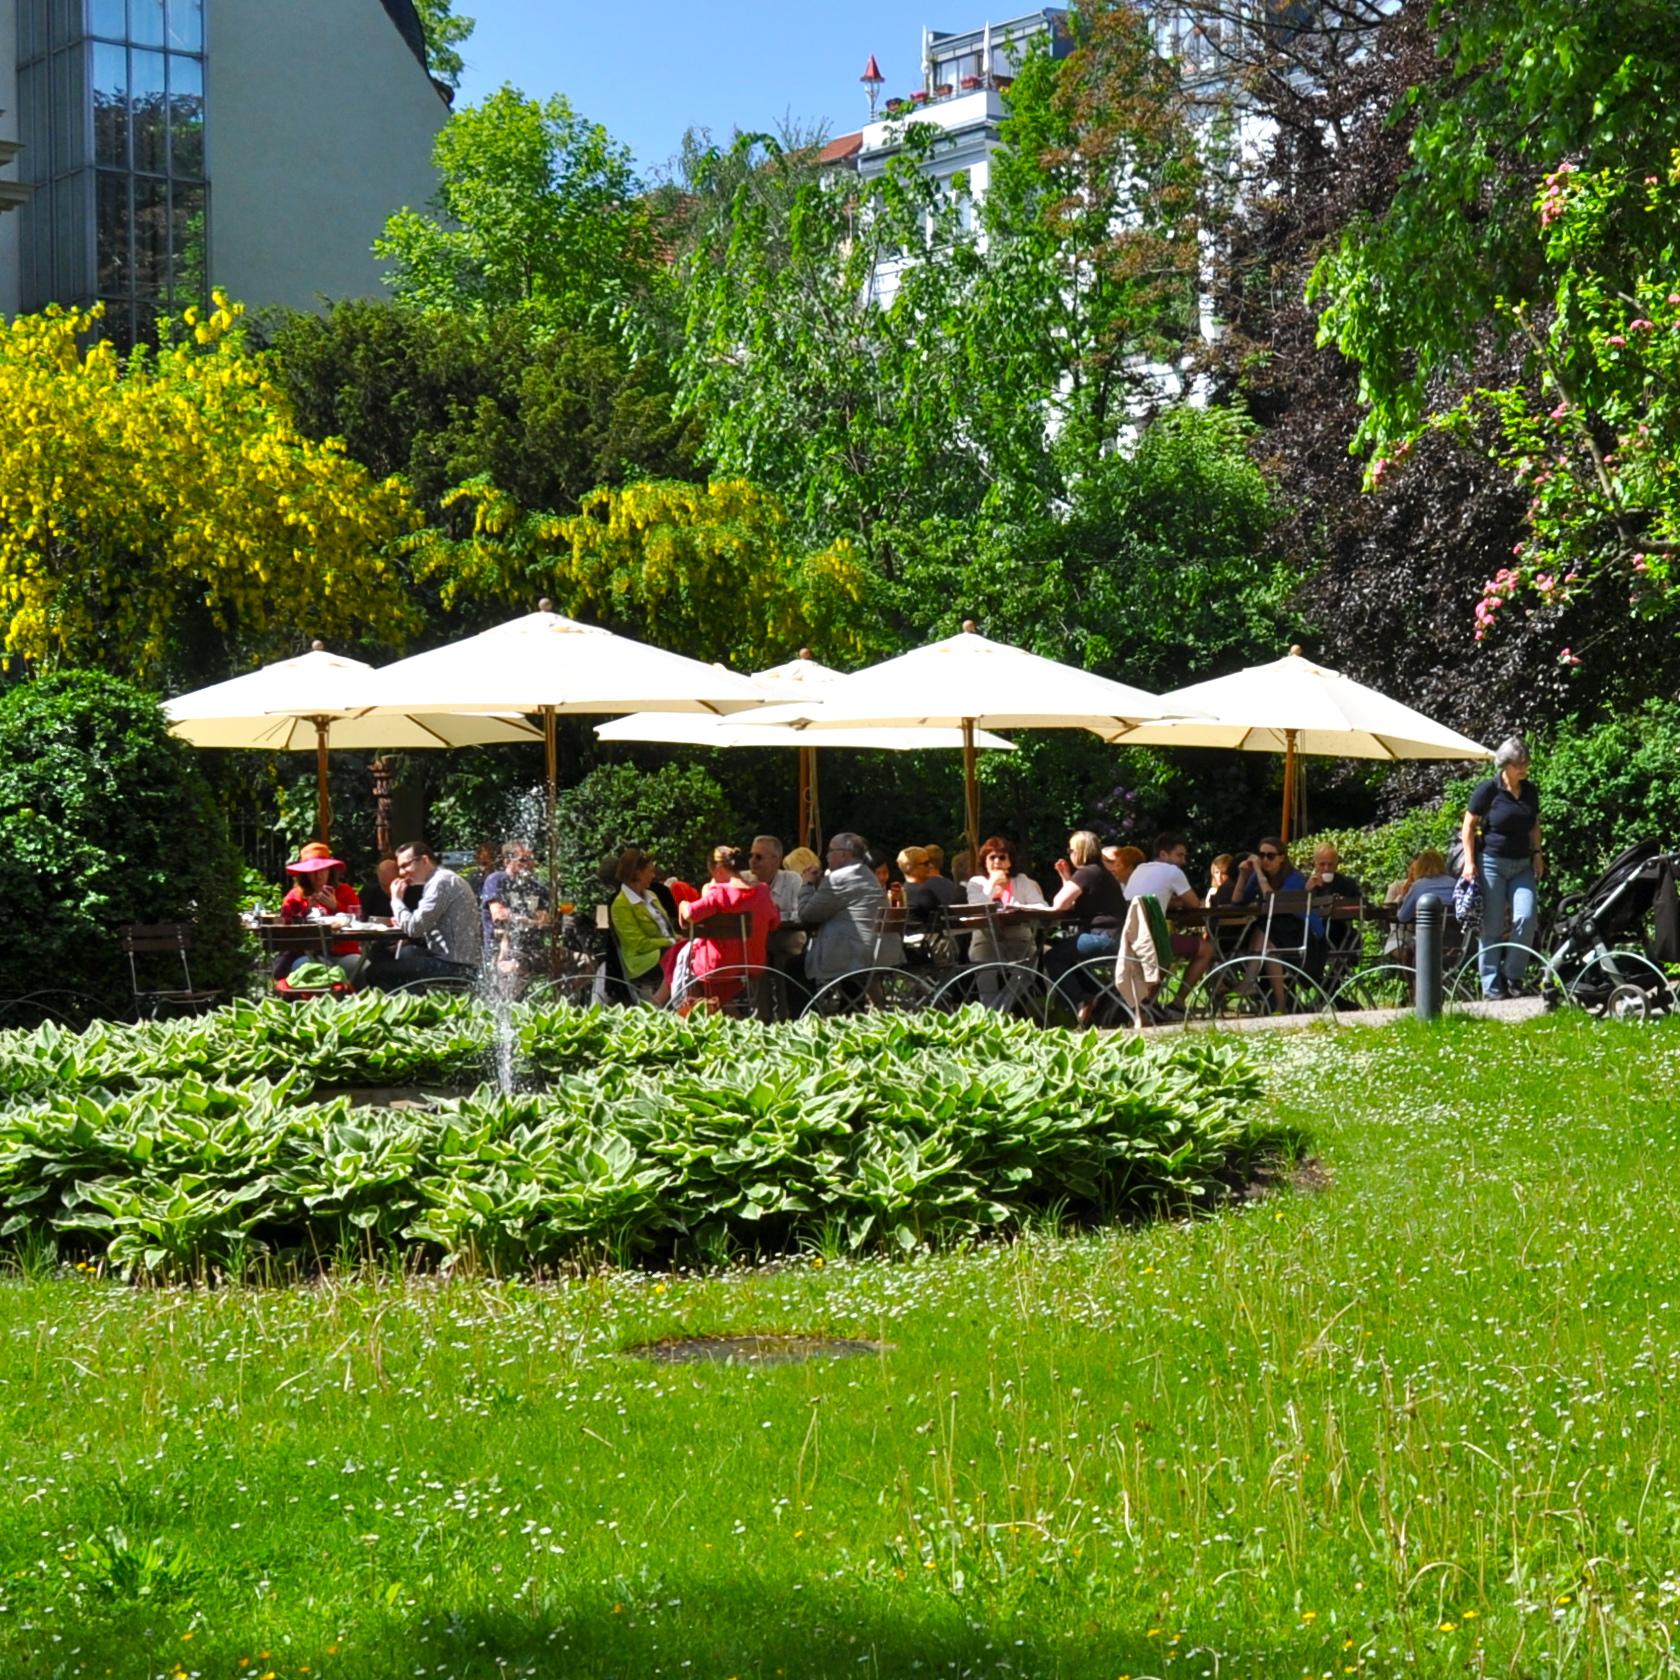 Literaturhaus-Berlin-Wintergarten-Cafe-Garten